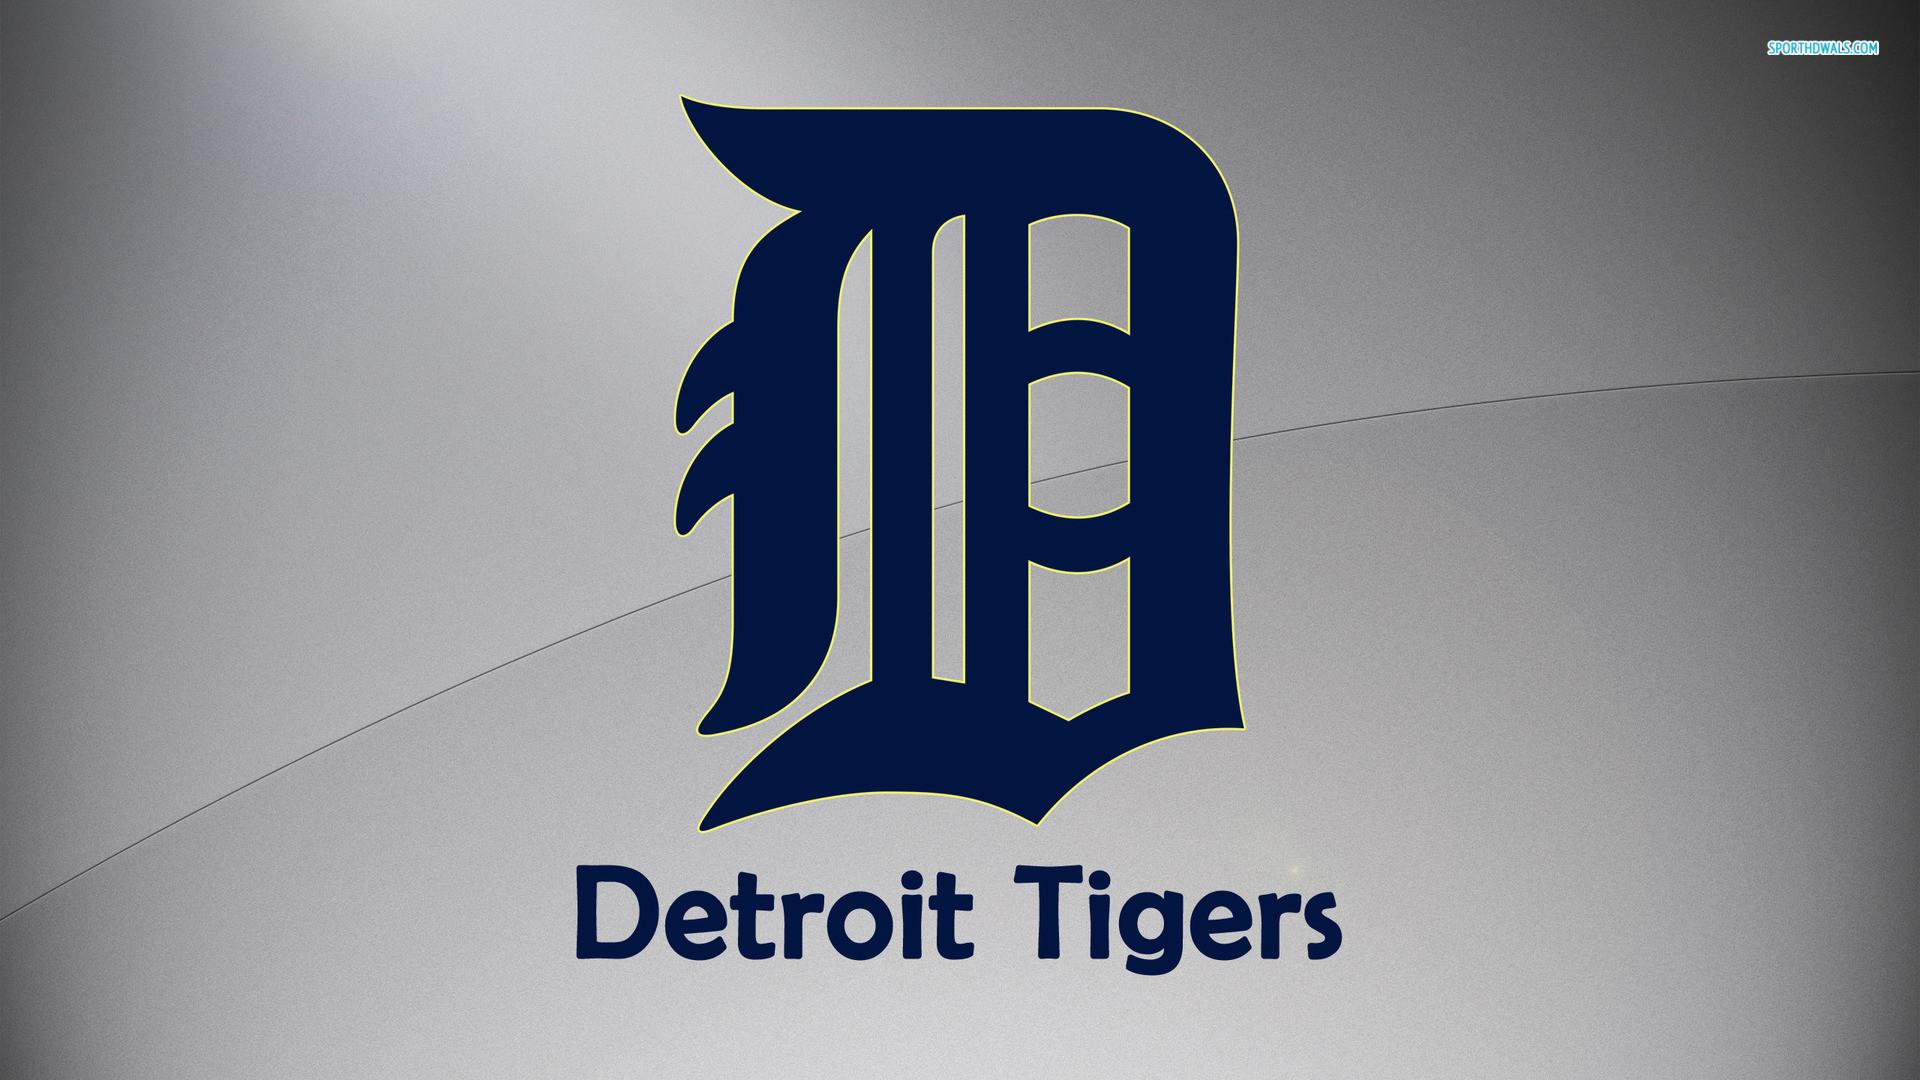 1920x1080 Detroit Tigers Wallpaper